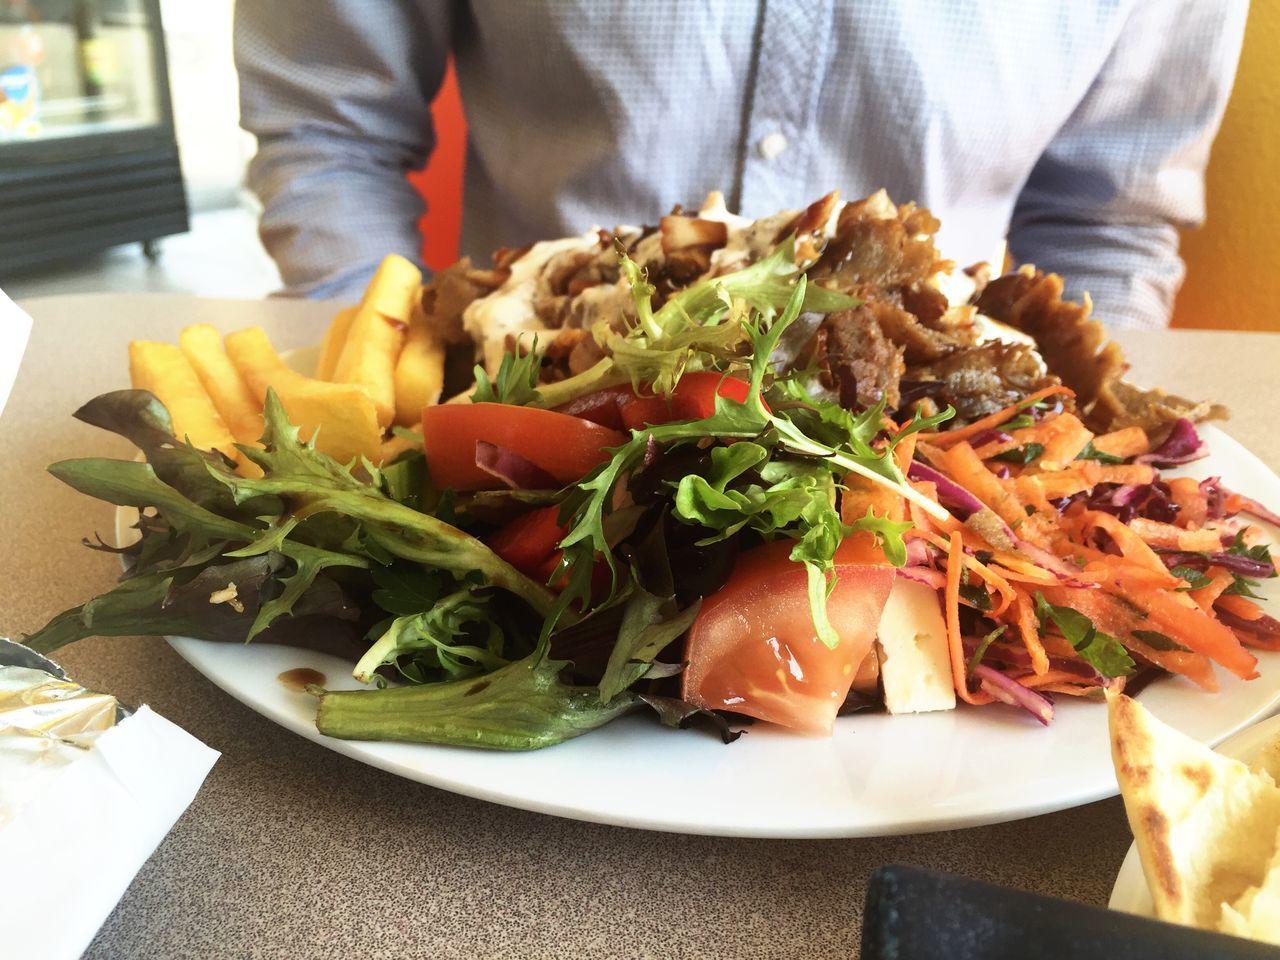 Foodphotography Food kebab